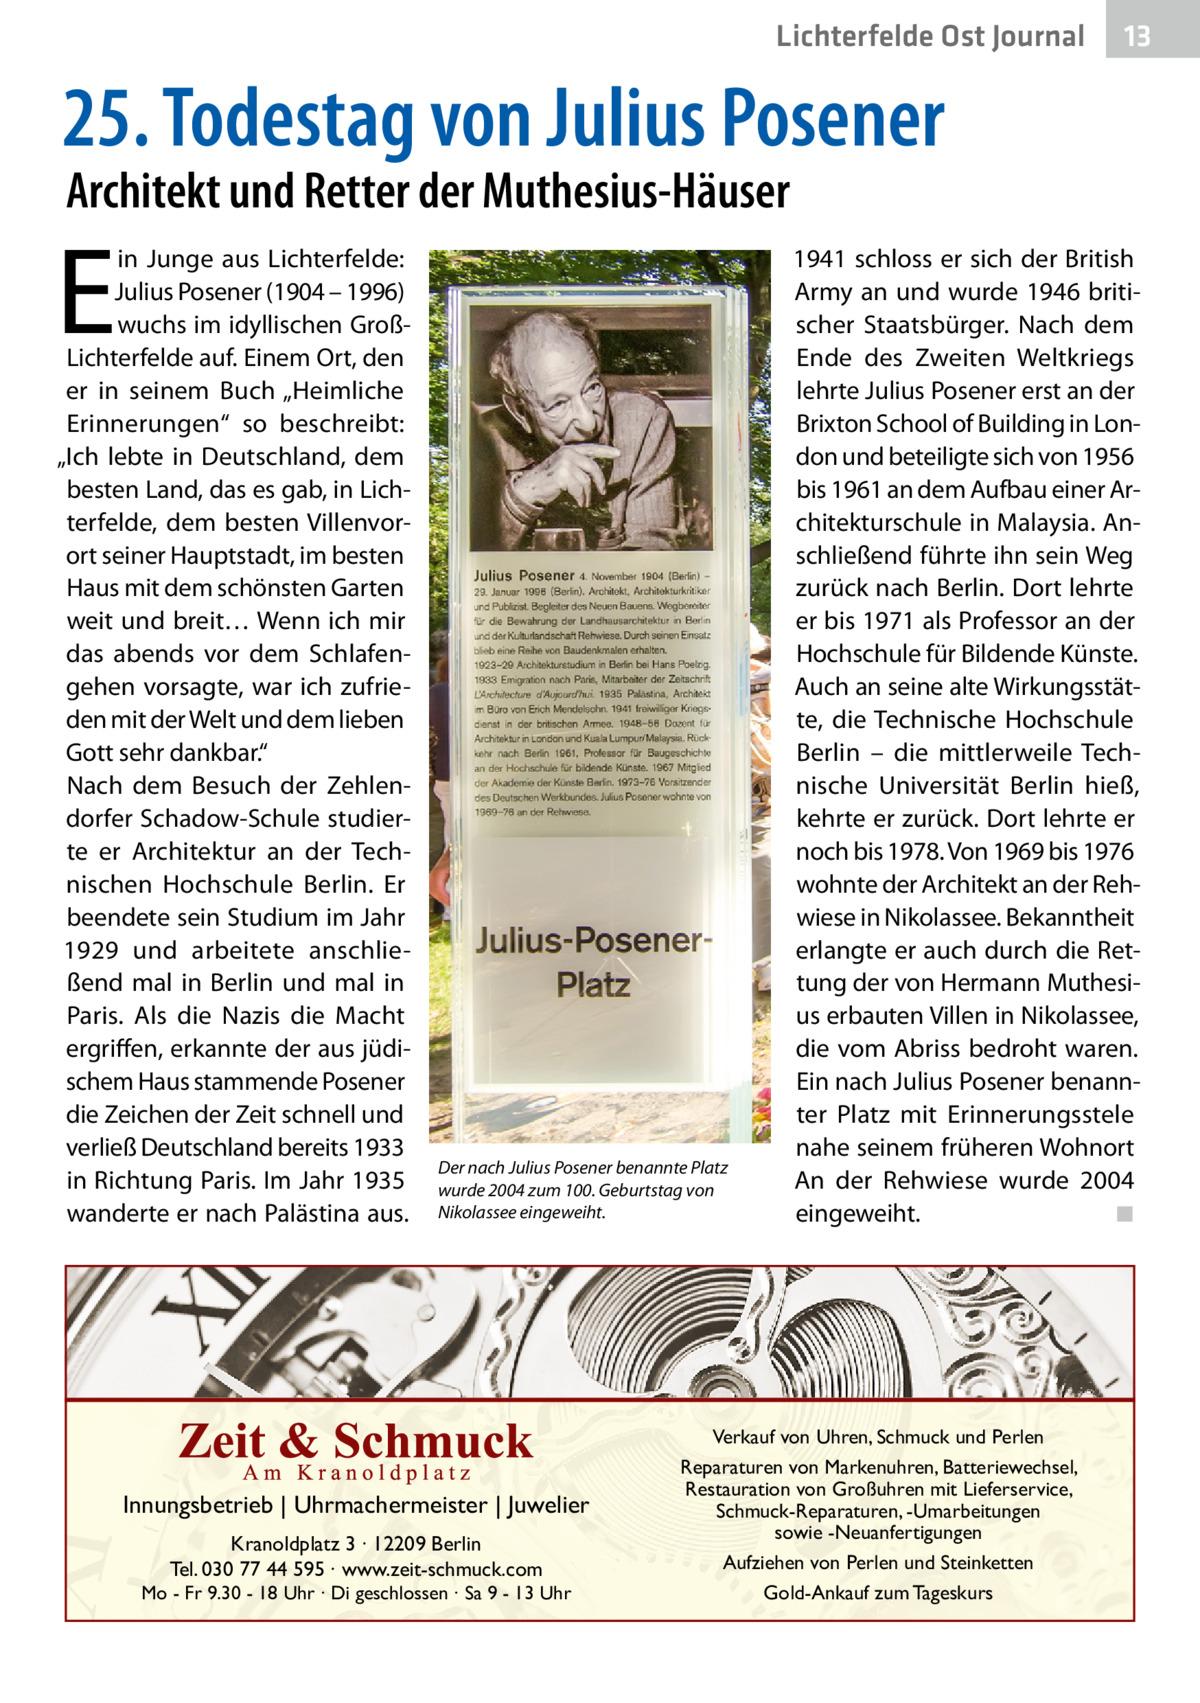 """Lichterfelde Ost Journal  13 13  25.Todestag von JuliusPosener Architekt und Retter der Muthesius-Häuser  E  in Junge aus Lichterfelde: Julius Posener (1904 – 1996) wuchs im idyllischen GroßLichterfelde auf. Einem Ort, den er in seinem Buch """"Heimliche Erinnerungen"""" so beschreibt: """"Ich lebte in Deutschland, dem besten Land, das es gab, in Lichterfelde, dem besten Villenvorort seiner Hauptstadt, im besten Haus mit dem schönsten Garten weit und breit… Wenn ich mir das abends vor dem Schlafengehen vorsagte, war ich zufrieden mit der Welt und dem lieben Gott sehr dankbar."""" Nach dem Besuch der Zehlendorfer Schadow-Schule studierte er Architektur an der Technischen Hochschule Berlin. Er beendete sein Studium im Jahr 1929 und arbeitete anschließend mal in Berlin und mal in Paris. Als die Nazis die Macht ergriffen, erkannte der aus jüdischem Haus stammende Posener die Zeichen der Zeit schnell und verließ Deutschland bereits 1933 in Richtung Paris. Im Jahr 1935 wanderte er nach Palästina aus.  Der nach Julius Posener benannte Platz wurde 2004 zum 100.Geburtstag von Nikolassee eingeweiht.  Innungsbetrieb   Uhrmachermeister   Juwelier Kranoldplatz 3 ∙ 12209 Berlin Tel. 030 77 44 595 ∙ www.zeit-schmuck.com  Mo - Fr 9.30 - 18 Uhr ∙ Di geschlossen ∙ Sa 9 - 13 Uhr  1941 schloss er sich der British Army an und wurde 1946 britischer Staatsbürger. Nach dem Ende des Zweiten Weltkriegs lehrte Julius Posener erst an der Brixton School of Building in London und beteiligte sich von 1956 bis 1961 an dem Aufbau einer Architekturschule in Malaysia. Anschließend führte ihn sein Weg zurück nach Berlin. Dort lehrte er bis 1971 als Professor an der Hochschule für Bildende Künste. Auch an seine alte Wirkungsstätte, die Technische Hochschule Berlin – die mittlerweile Technische Universität Berlin hieß, kehrte er zurück. Dort lehrte er noch bis 1978. Von 1969 bis 1976 wohnte der Architekt an der Rehwiese in Nikolassee. Bekanntheit erlangte er auch durch die Rettung der von Hermann Muthesius erbauten"""